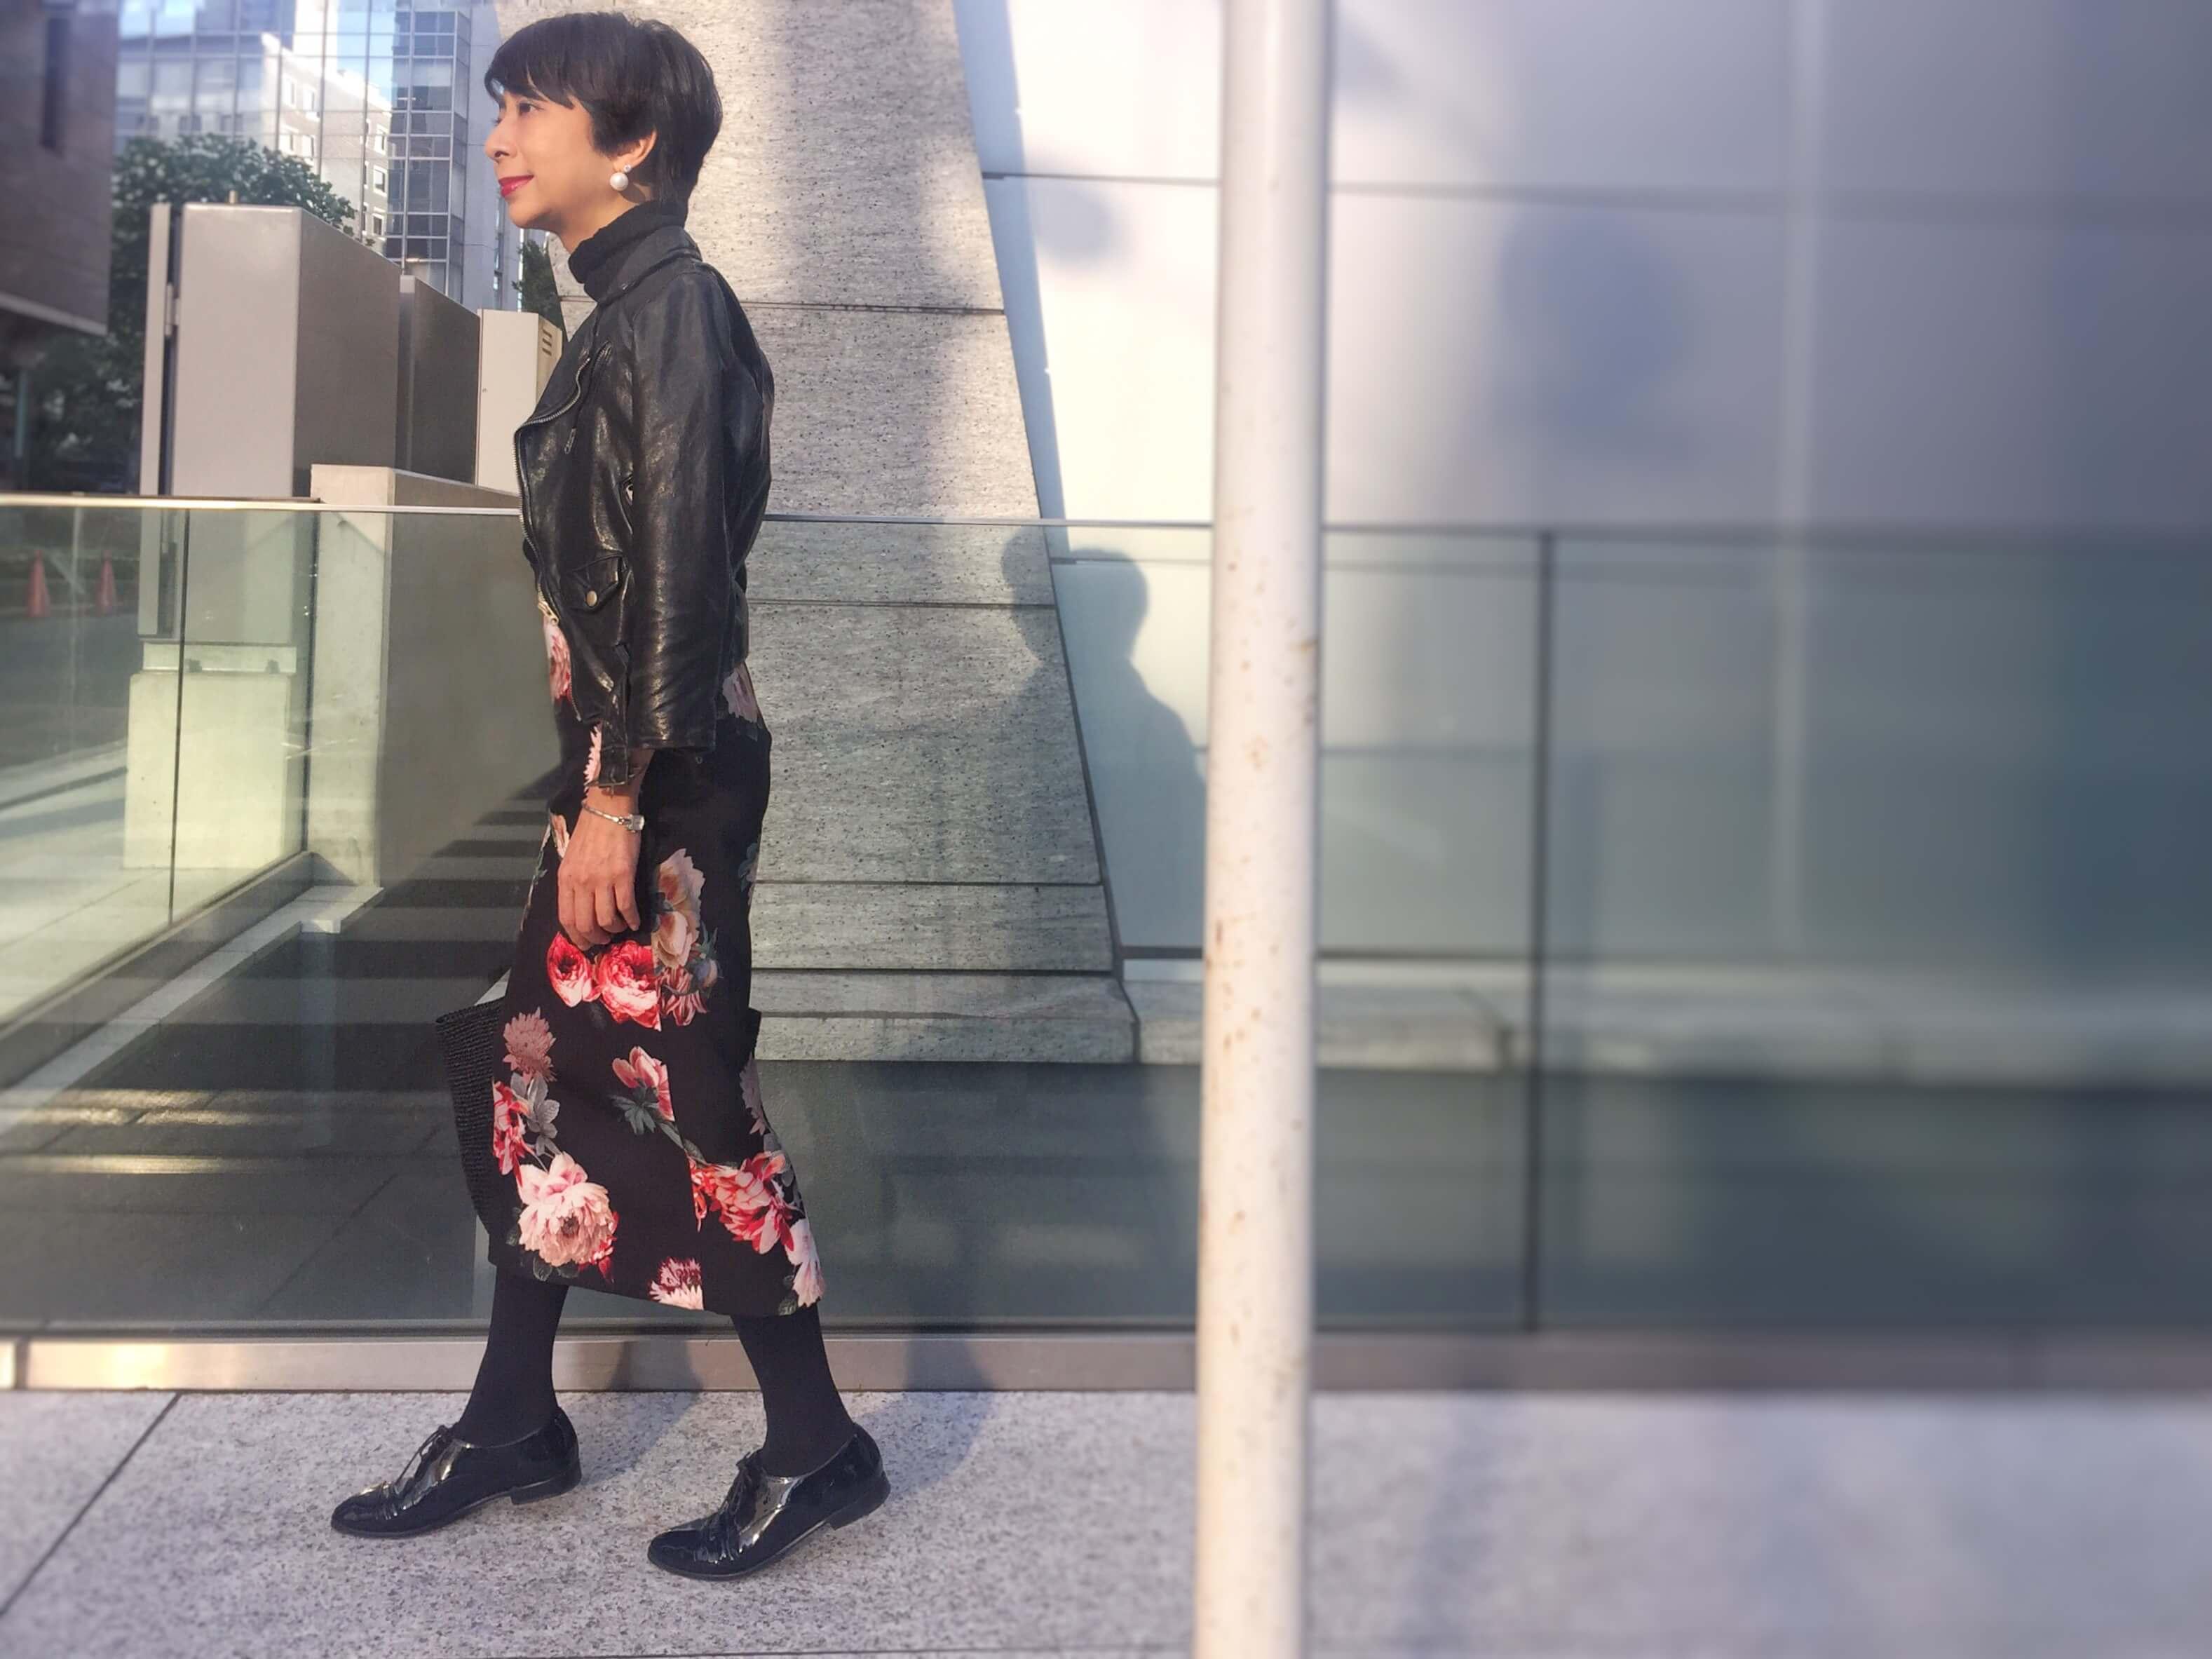 【4】ライダース×ロングスカートは好相性